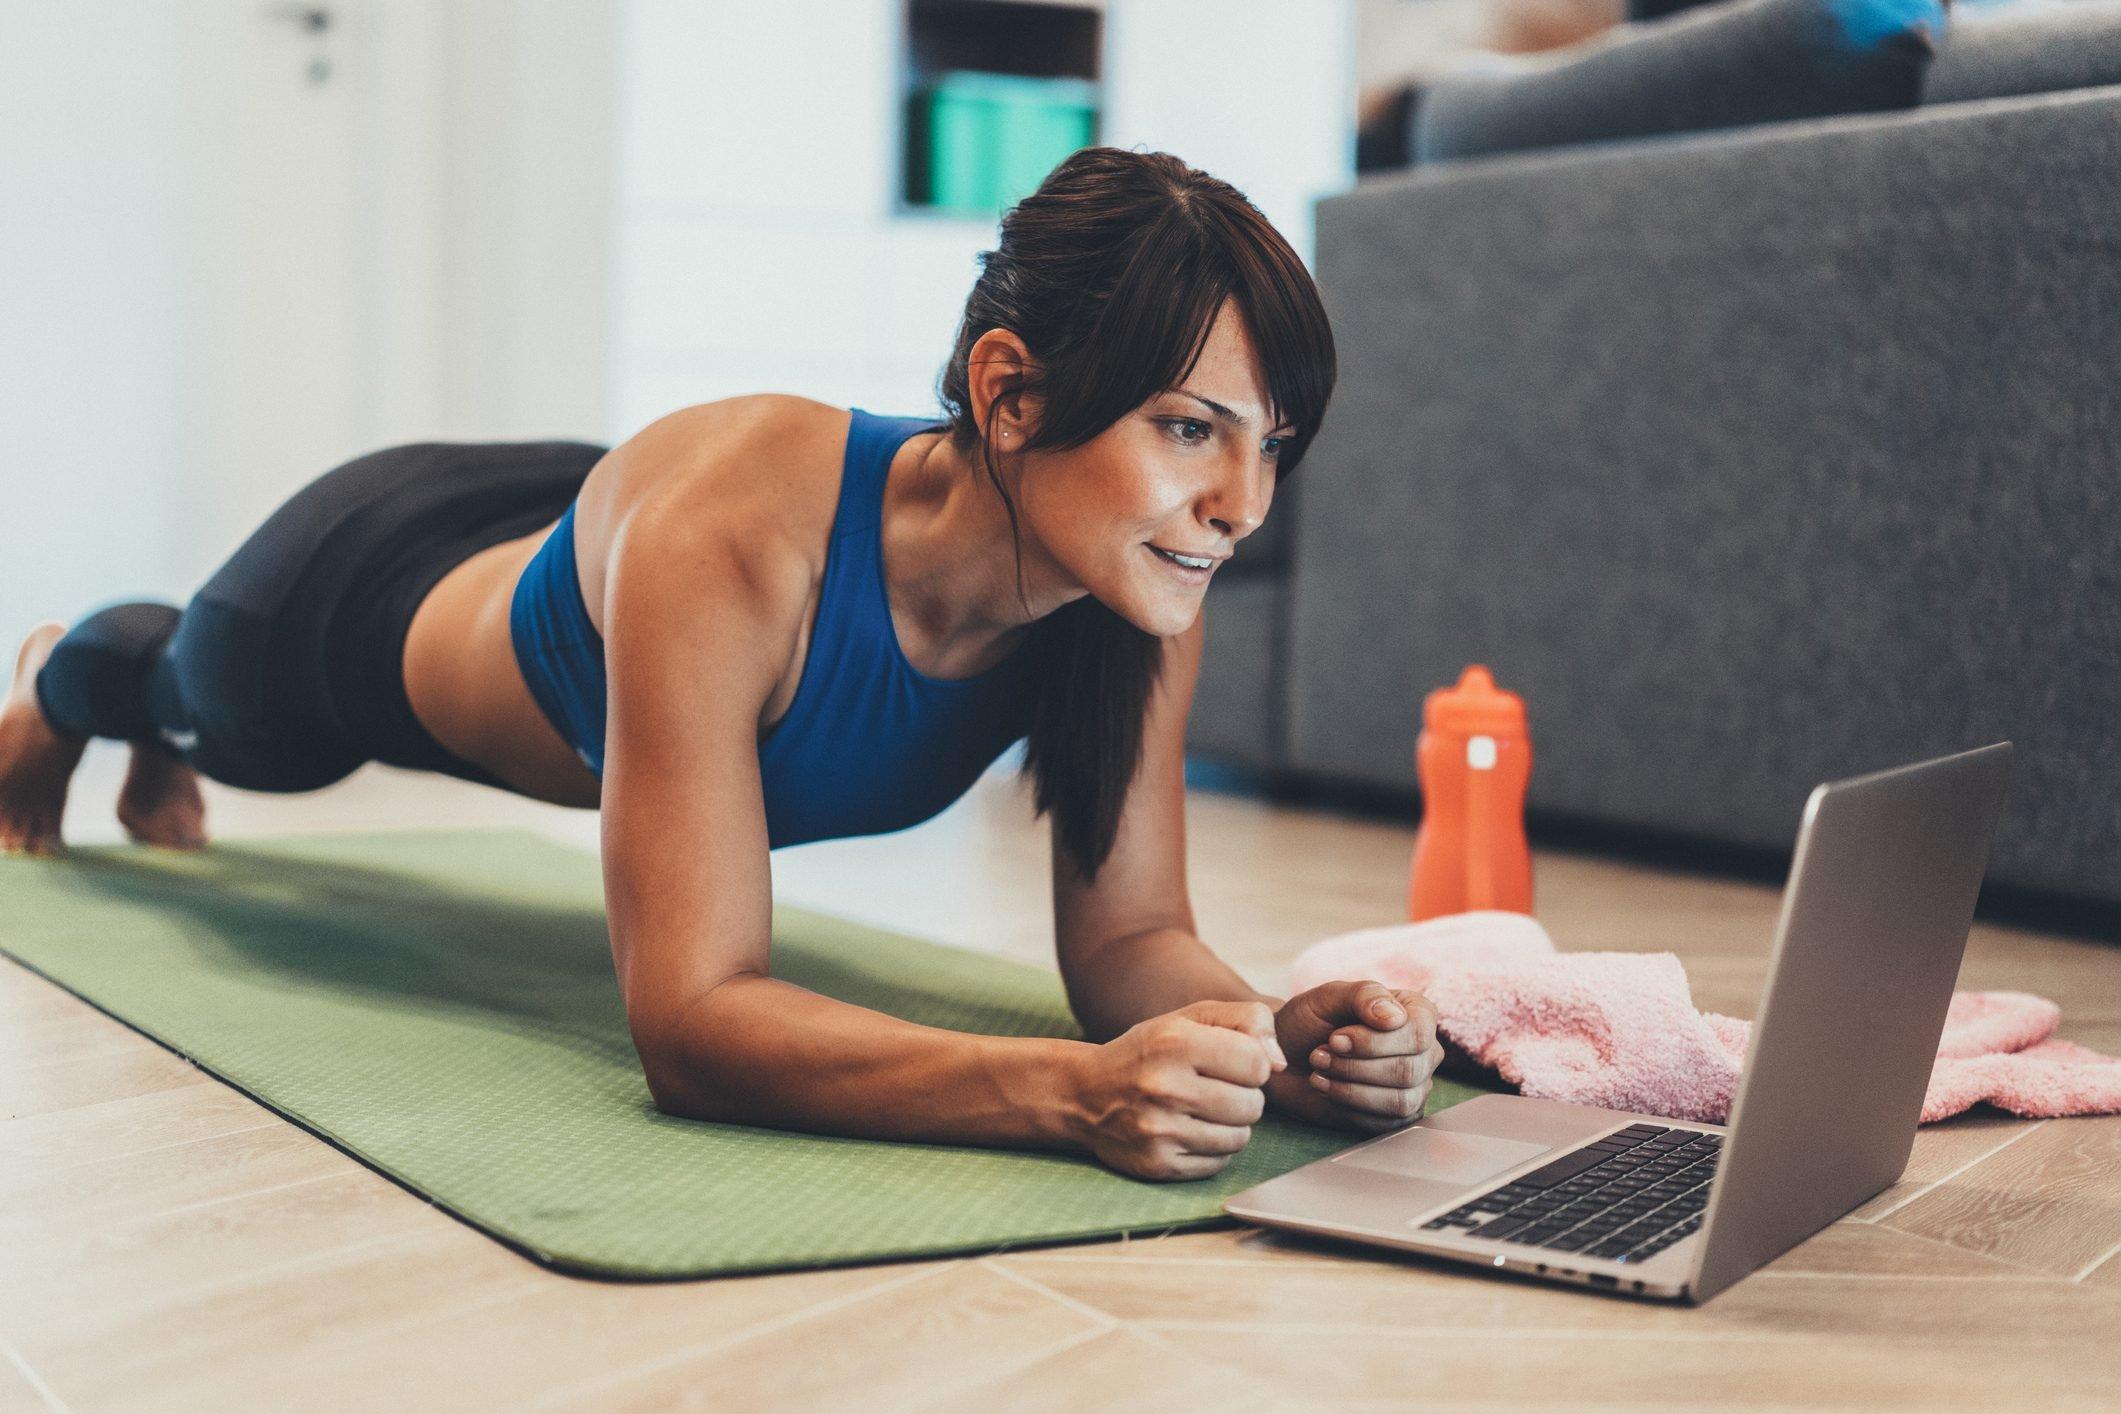 Agosto chegou, mas ainda dá tempo de mudar seu hábitos e colocar de vez os exercícios físicos na sua vida. Venha conferir 3 tendências fitness de 2021!